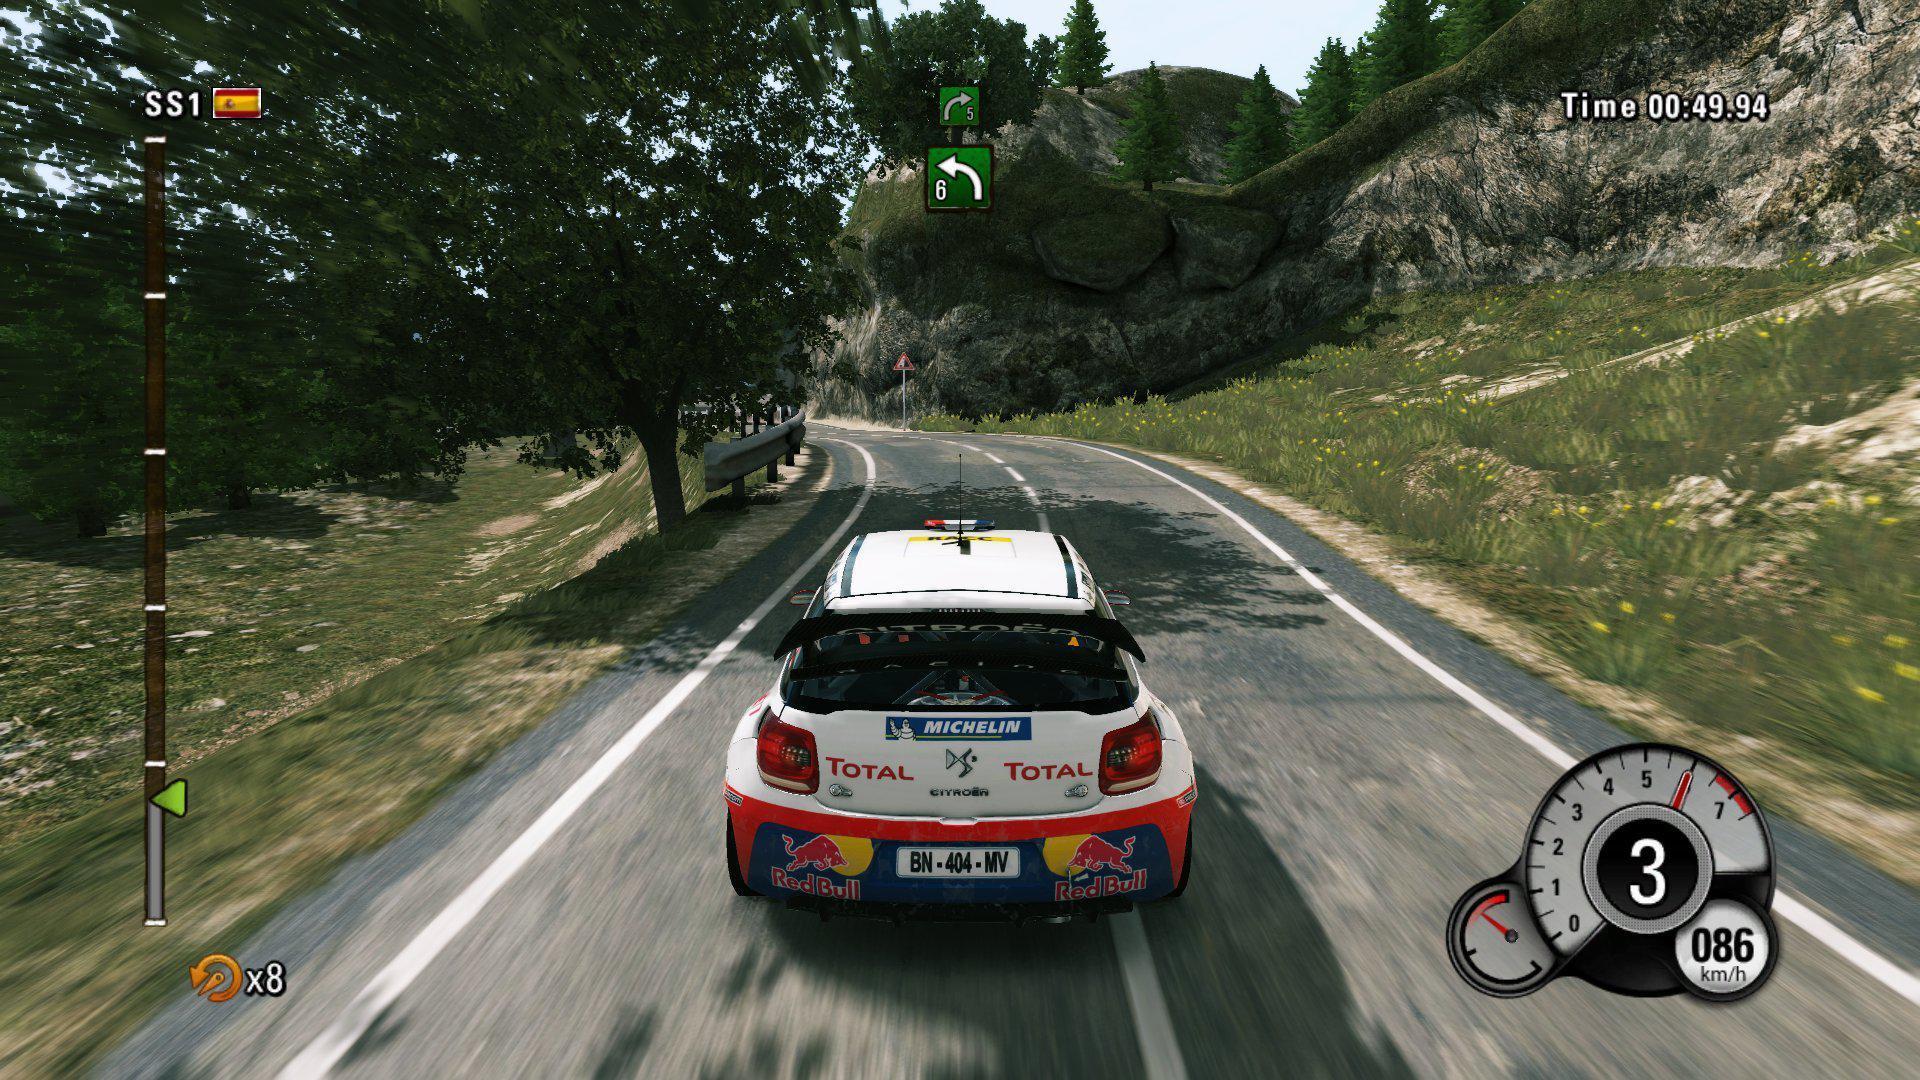 Wrc 5, Le Jeu De Simulation De Courses De Rallye Disponible à Jeux De Course Pc Gratuit A Telecharger